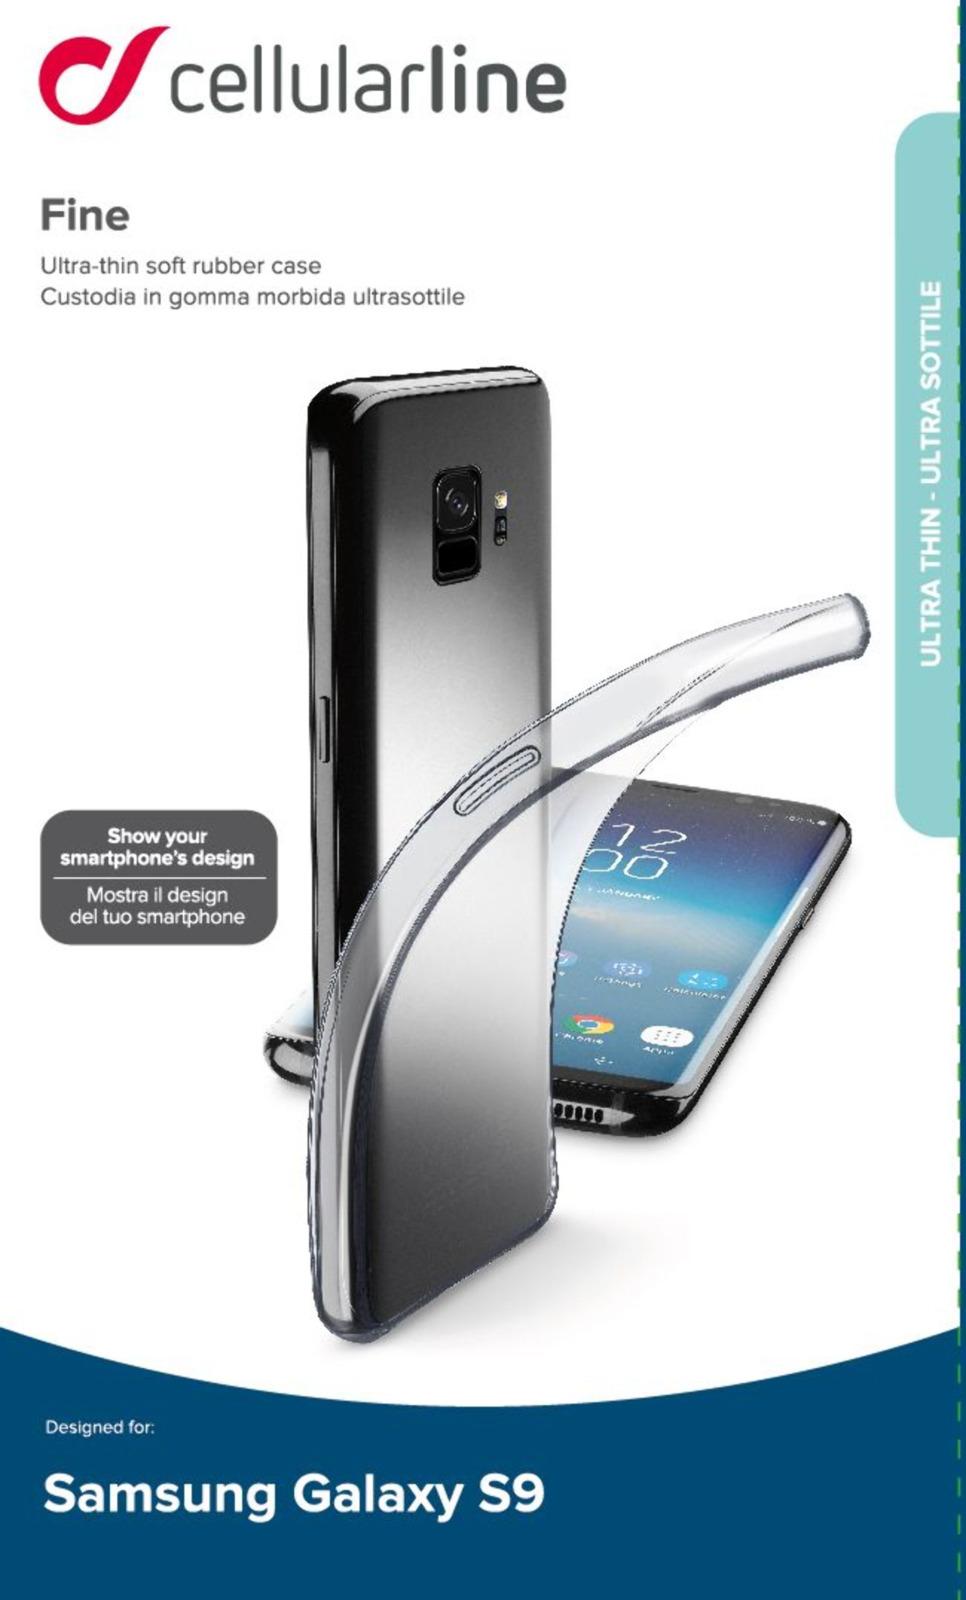 Чехол Cellularline для Samsung Galaxy S9, FINECGALS9T, прозрачный стоимость